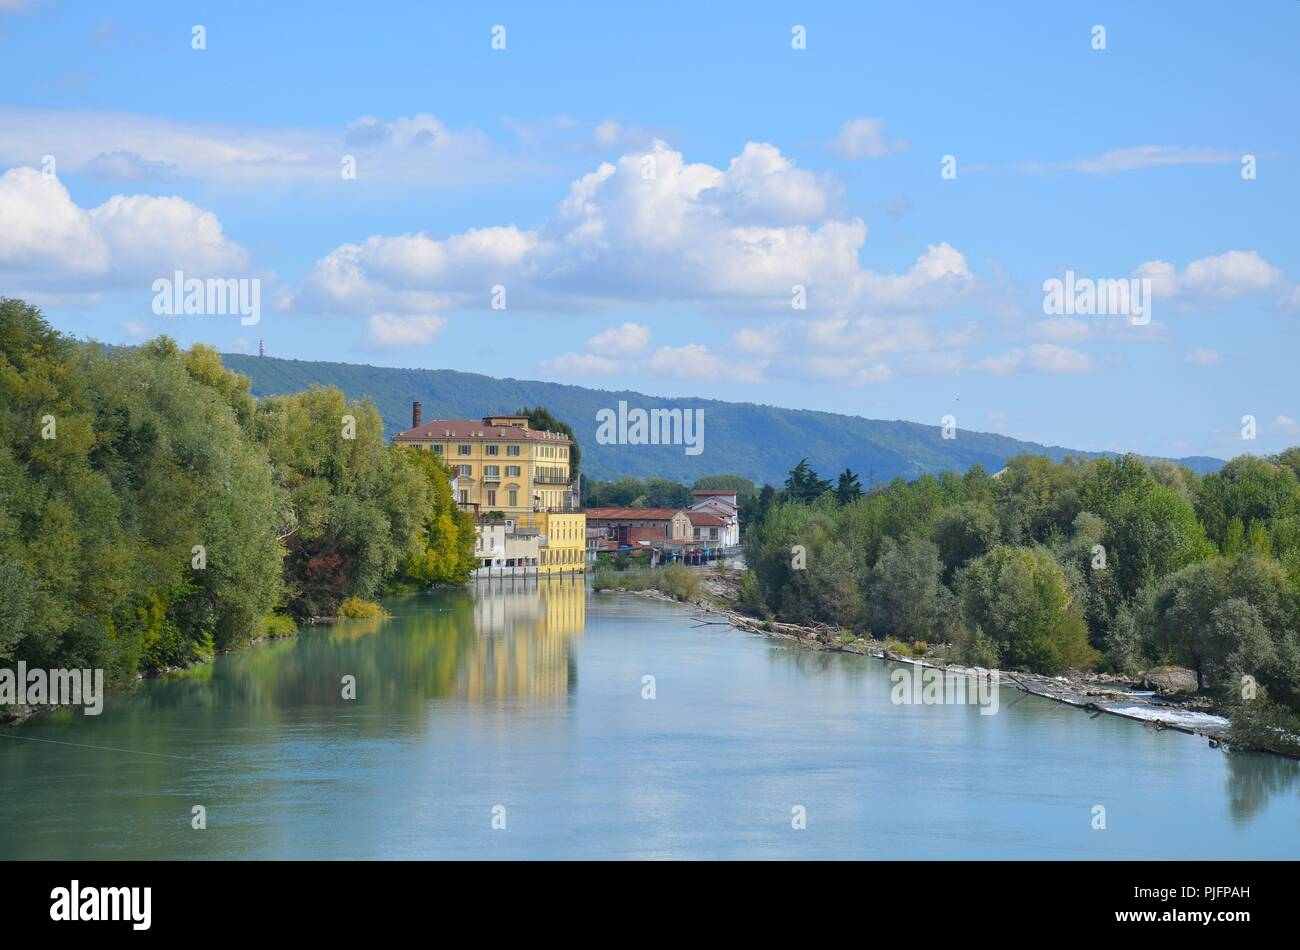 Ivrea (Provinz Piemont) am Fluss Dora Baltea, Italien - Stock Image